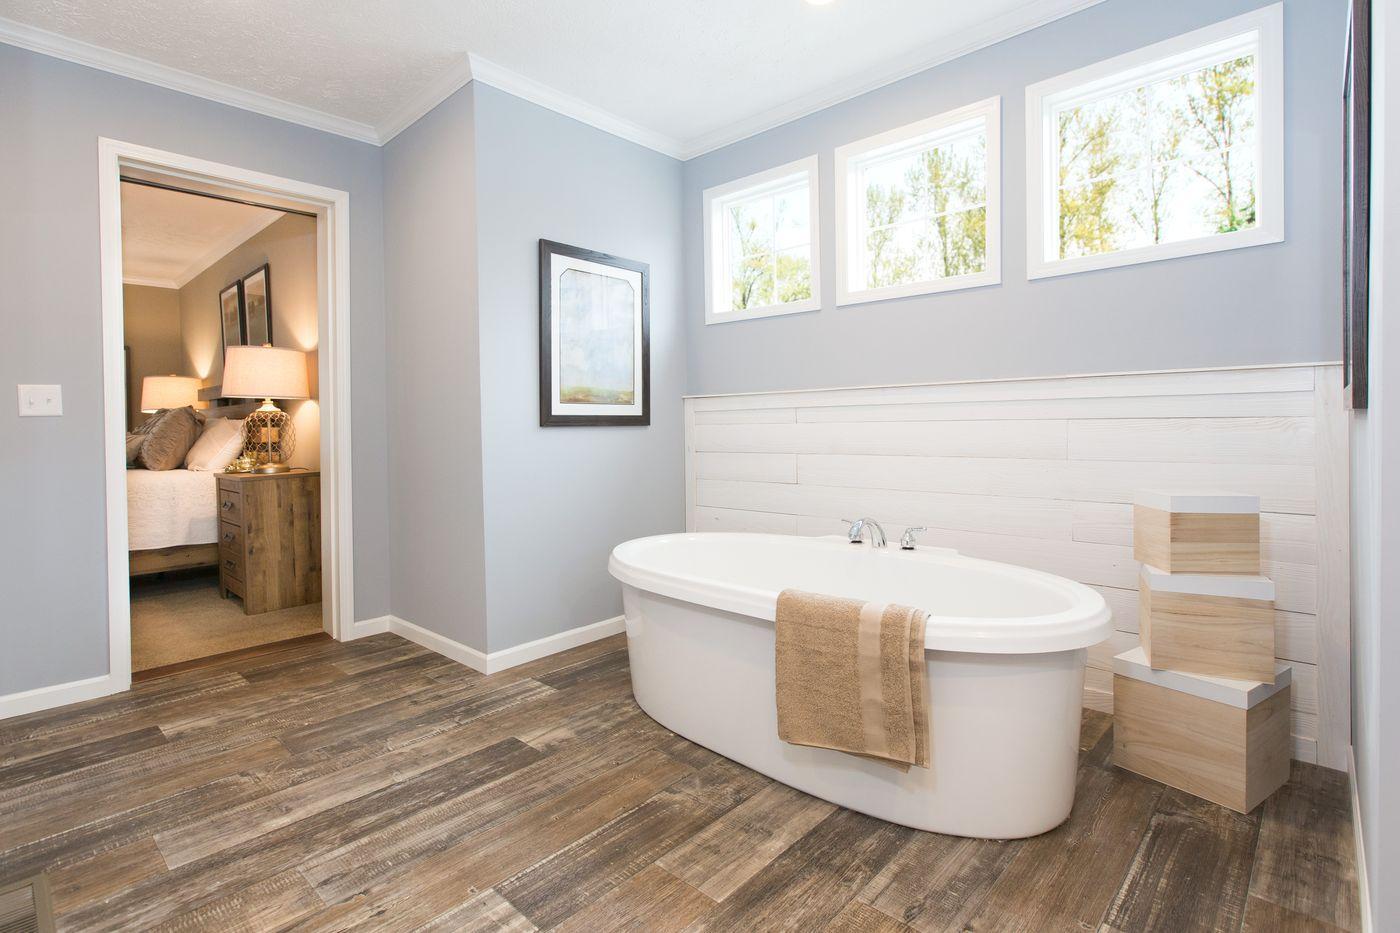 The Churchill Bathroom